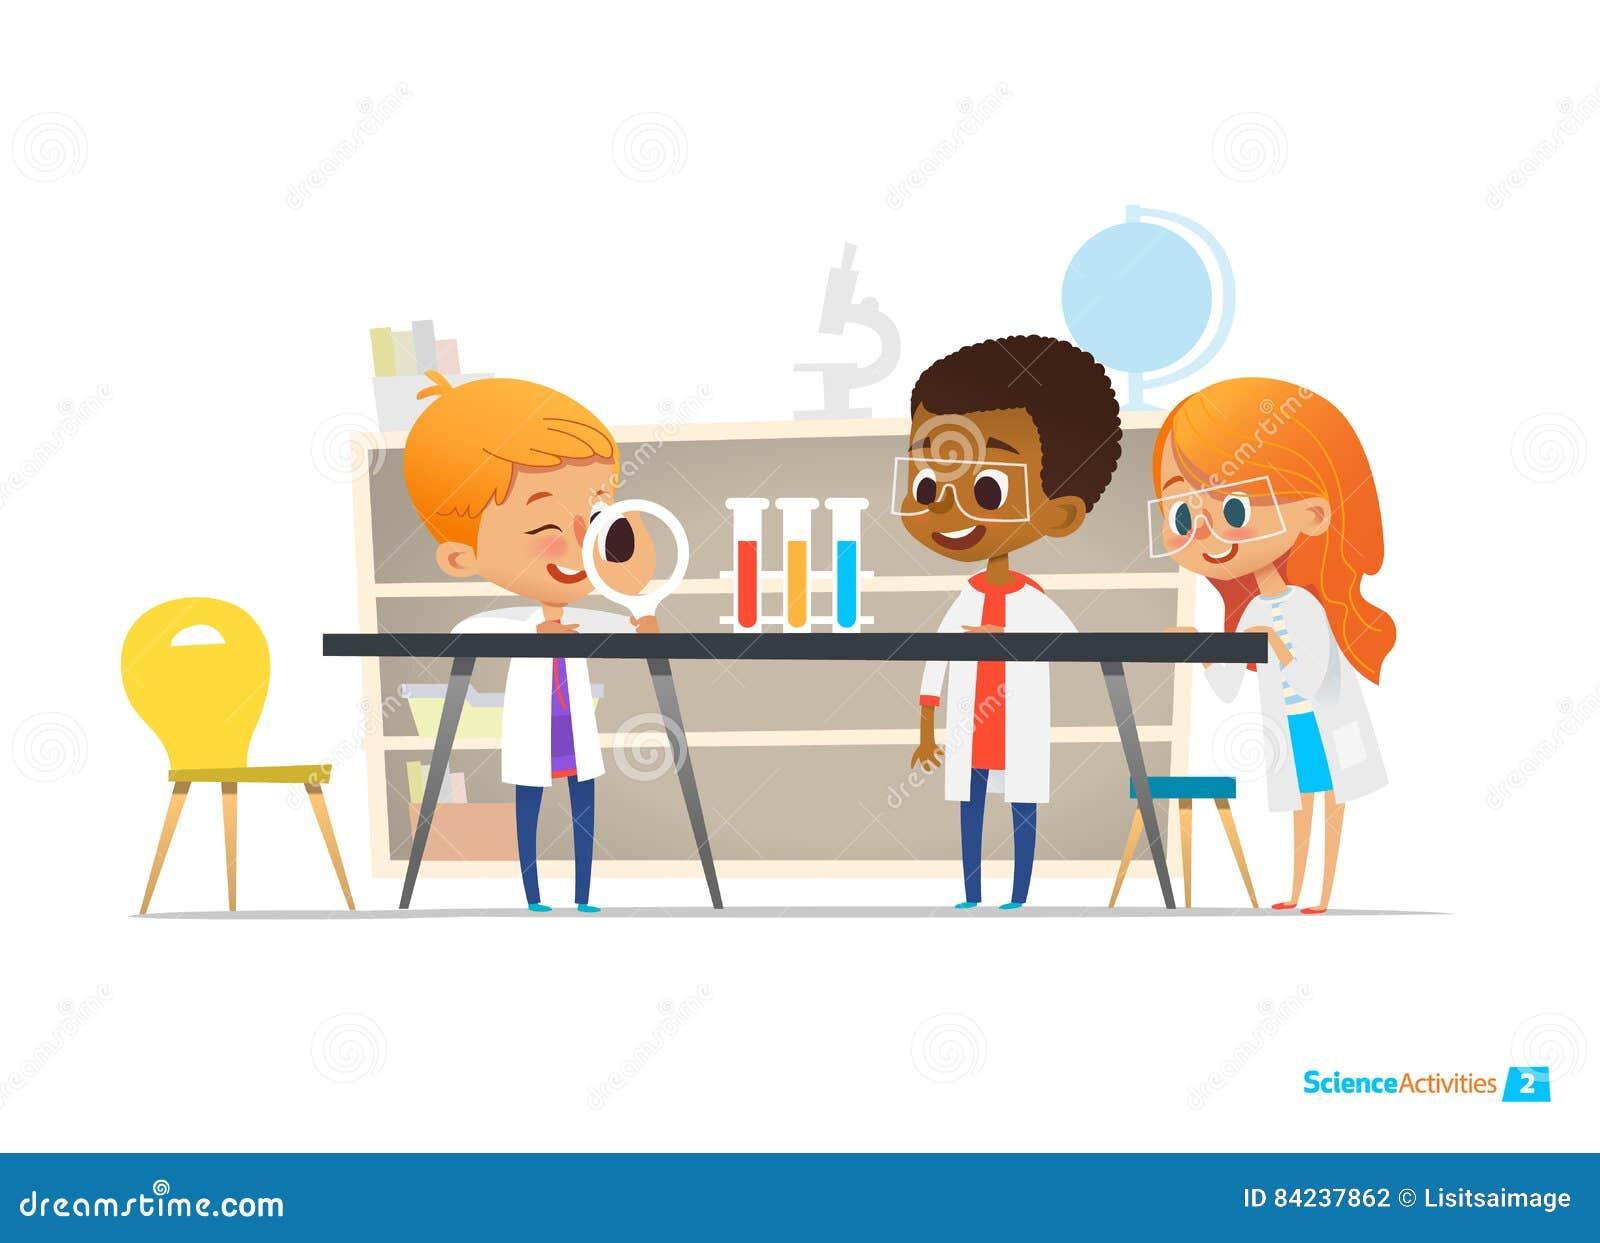 Ребеята школьного возраста в одежде лаборатории и защитных стеклах проводят научный эксперимент с химикатами в лаборатории химии